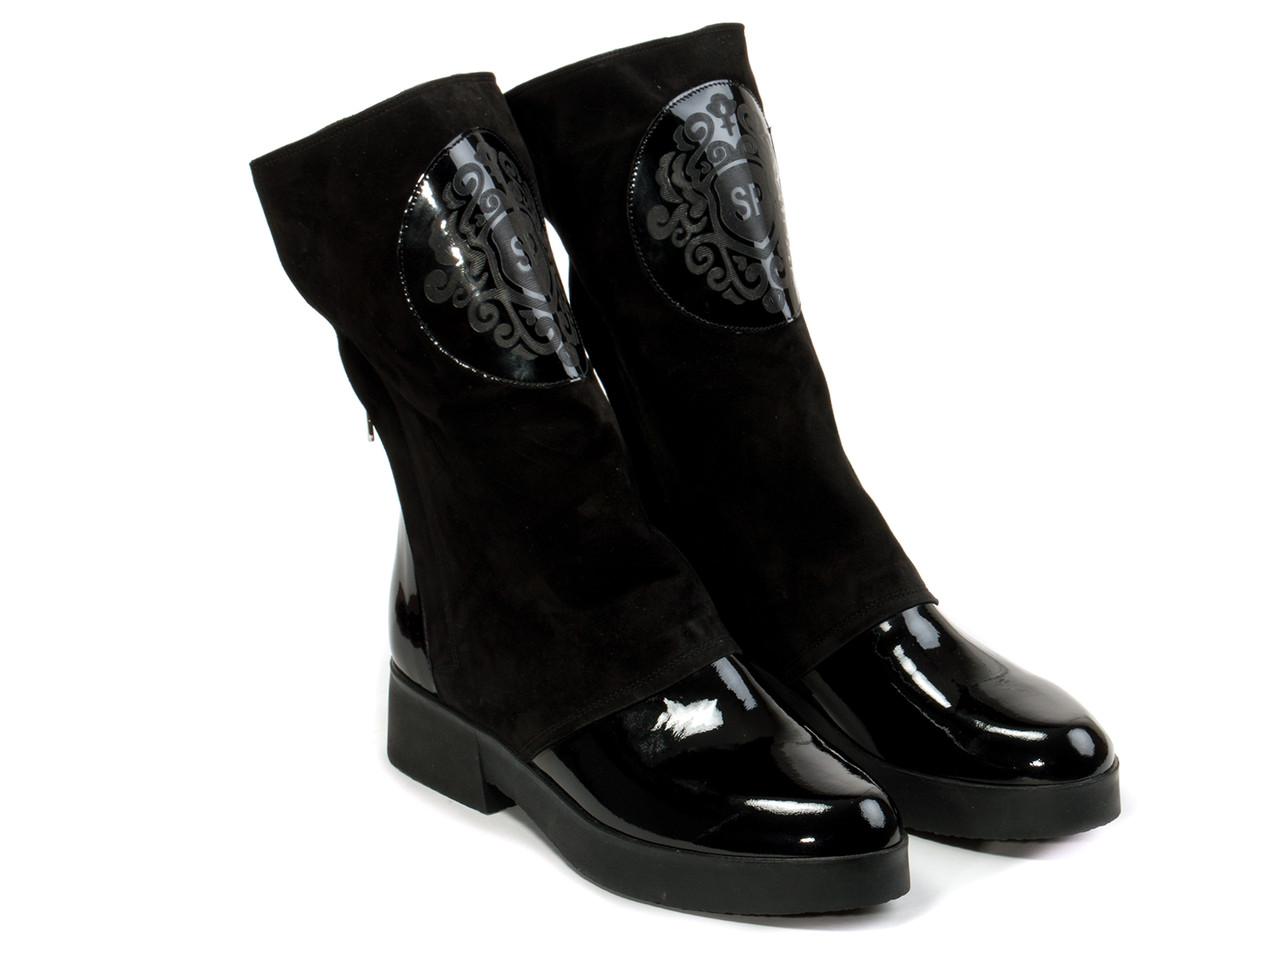 Ботинки Etor 4937-0-7235-1 черные